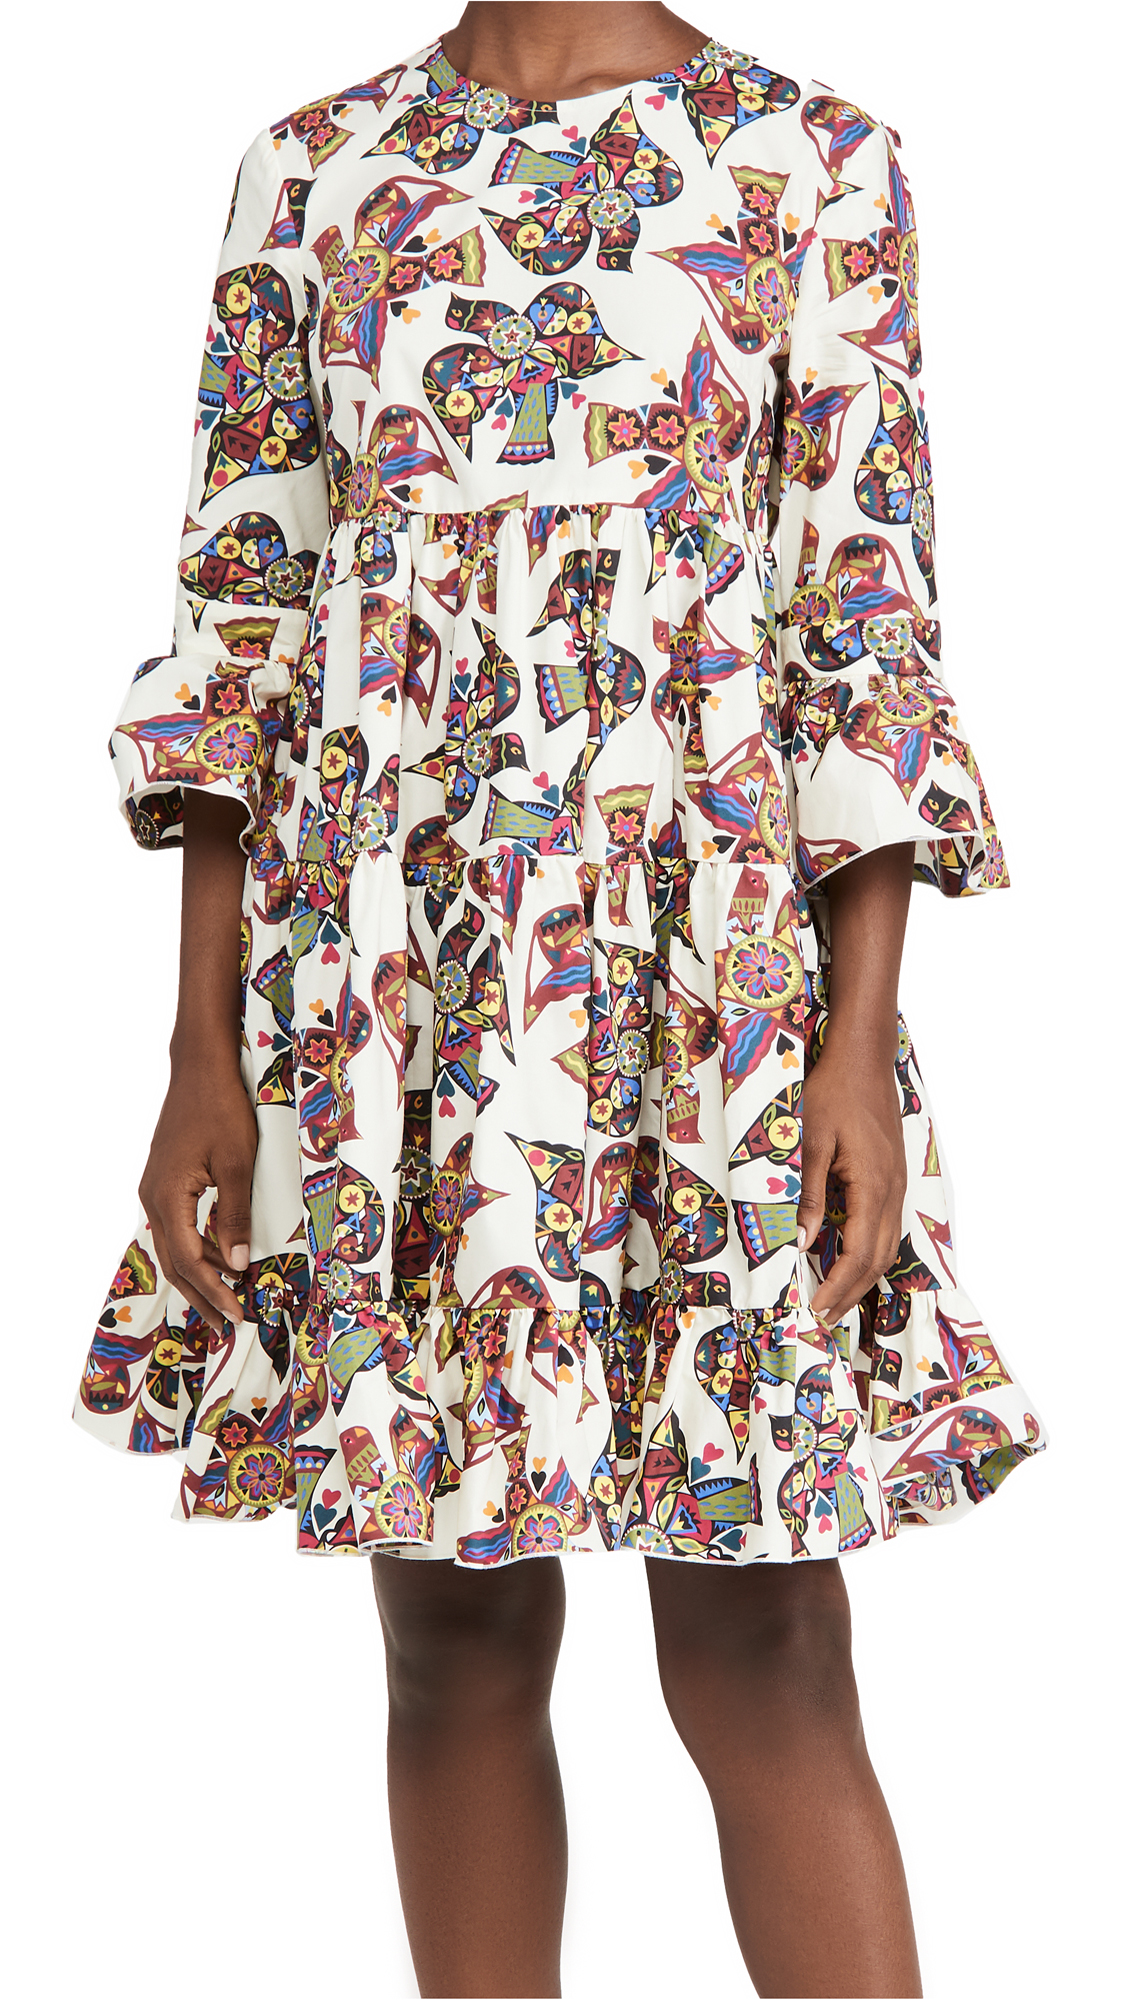 La Doublej BAMBI DRESS